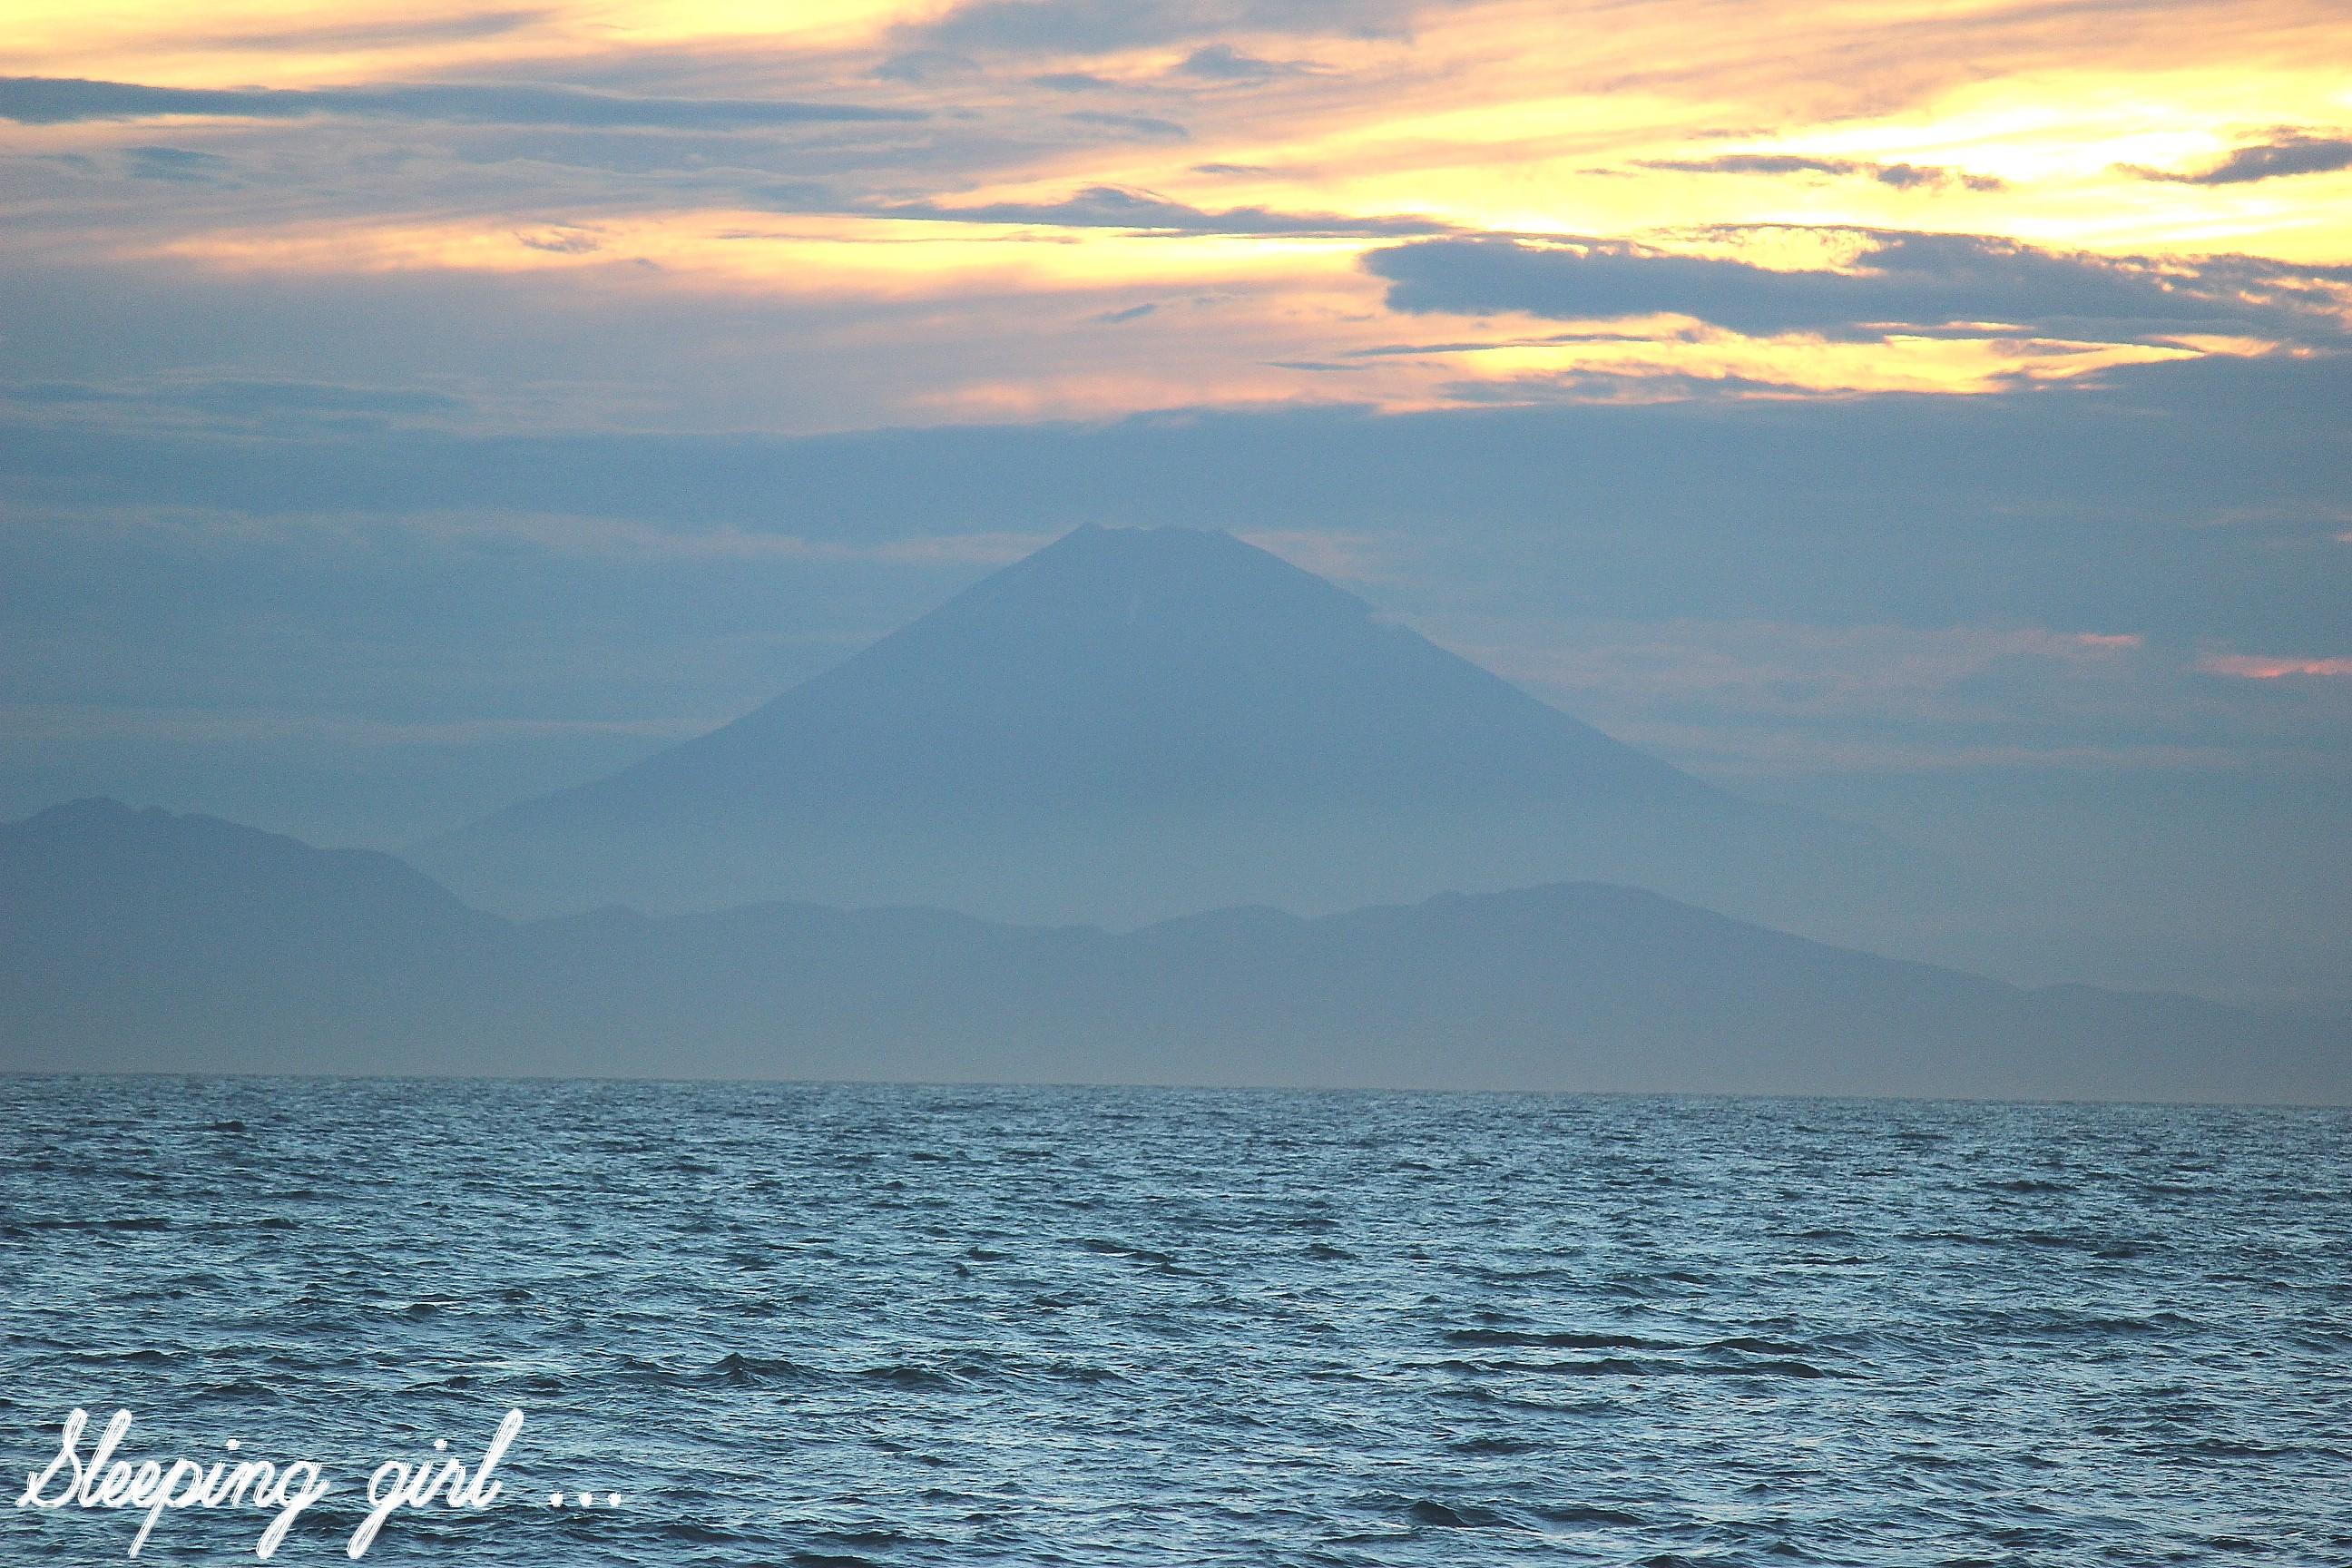 Mount Fuji 003